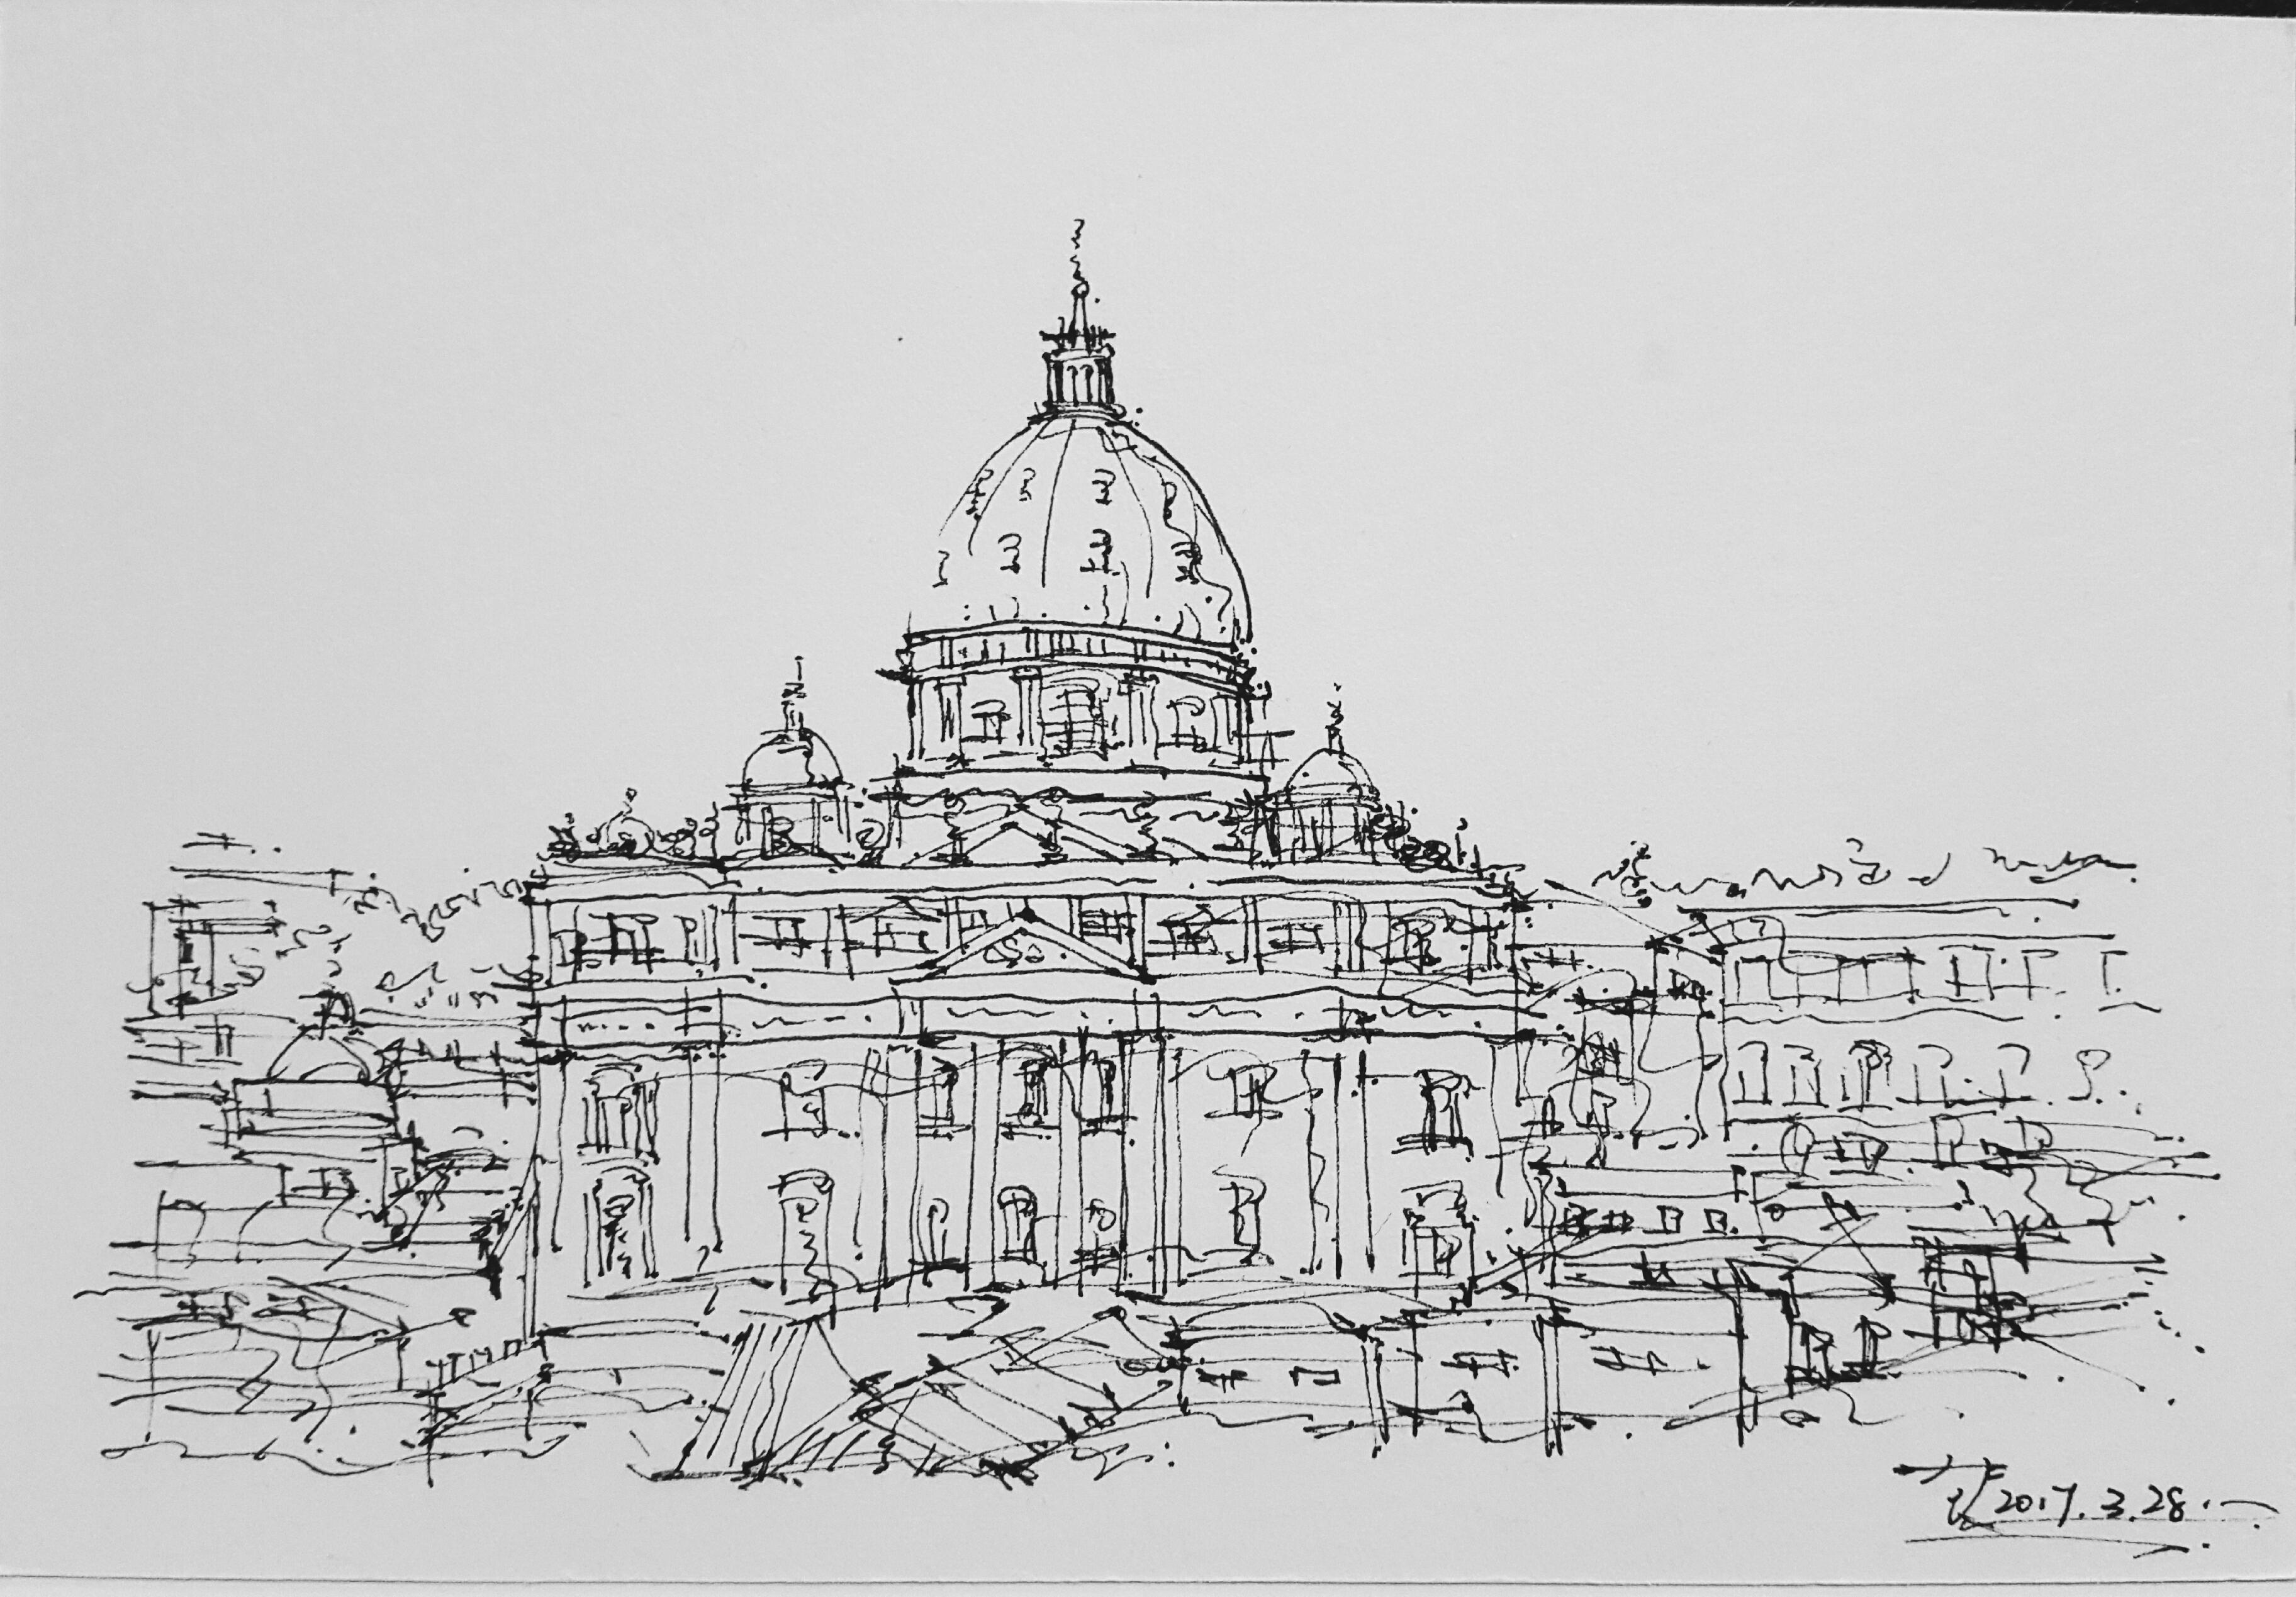 近日练习 钢笔建筑手绘 原创 20170329|纯艺术|钢笔画